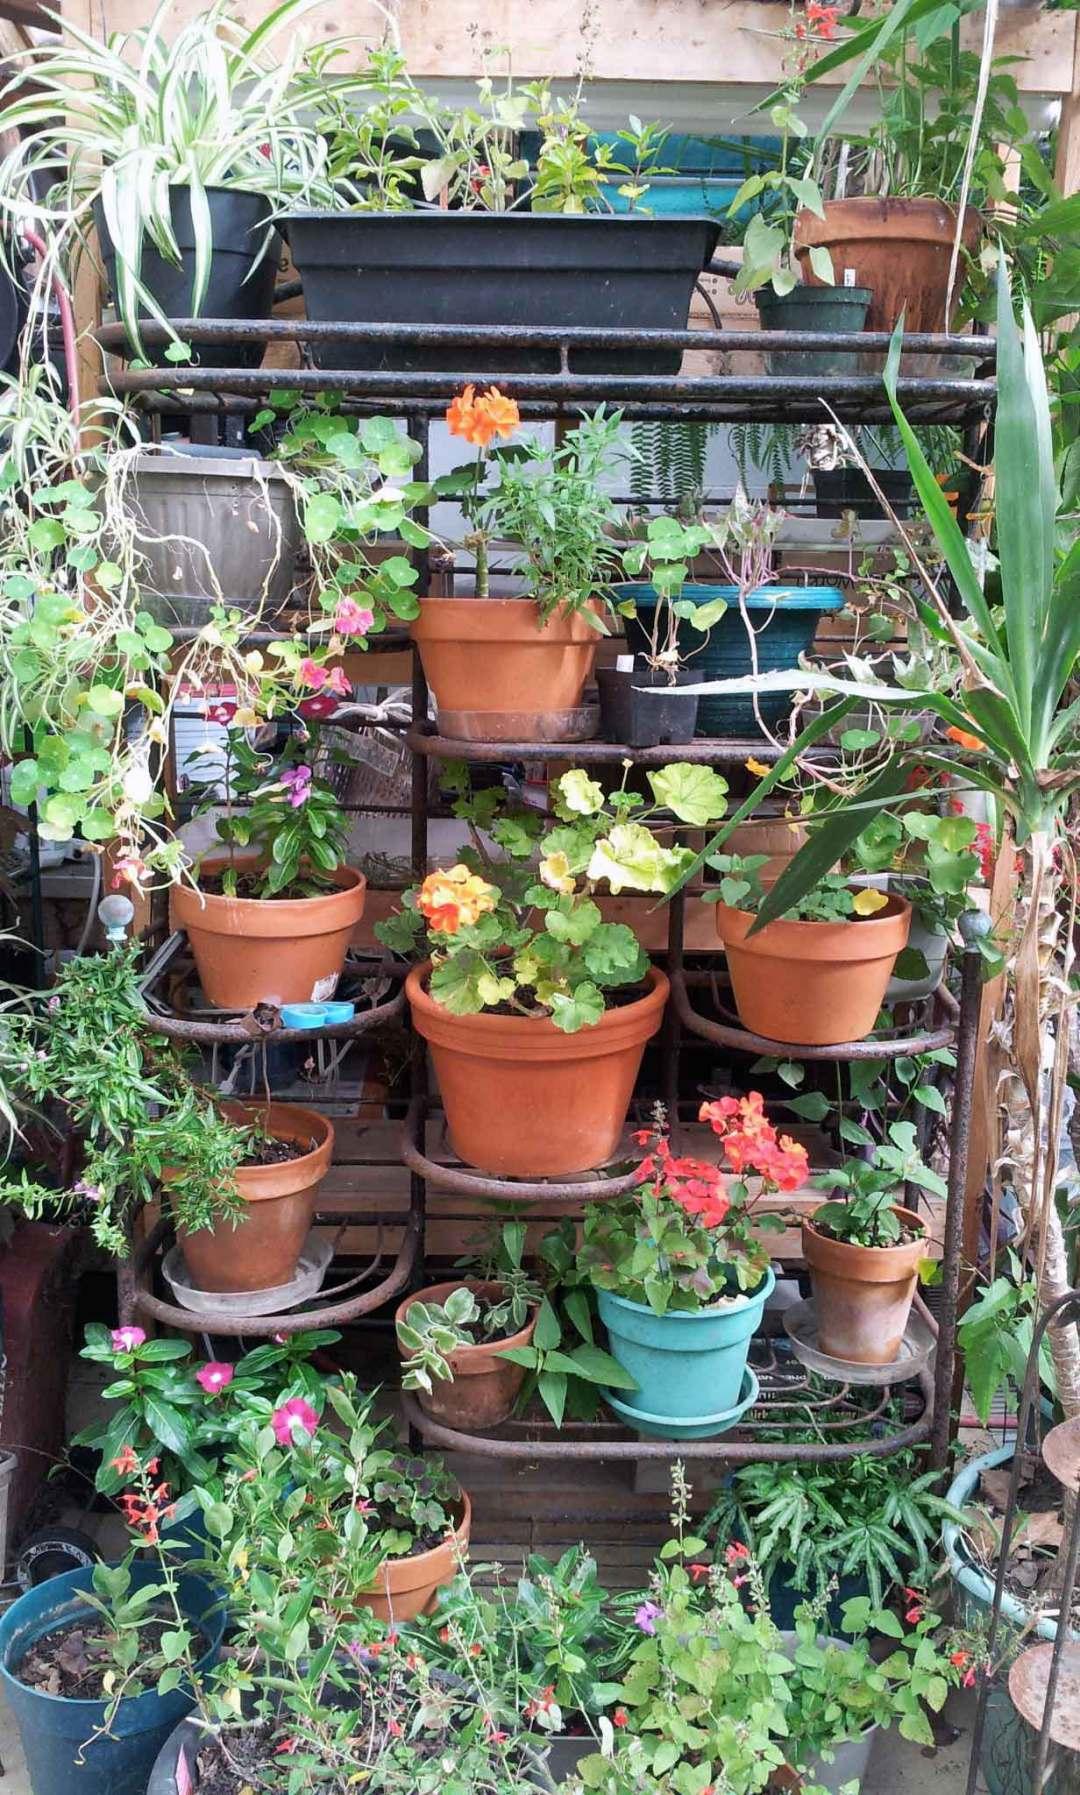 Bakers rack full of plants